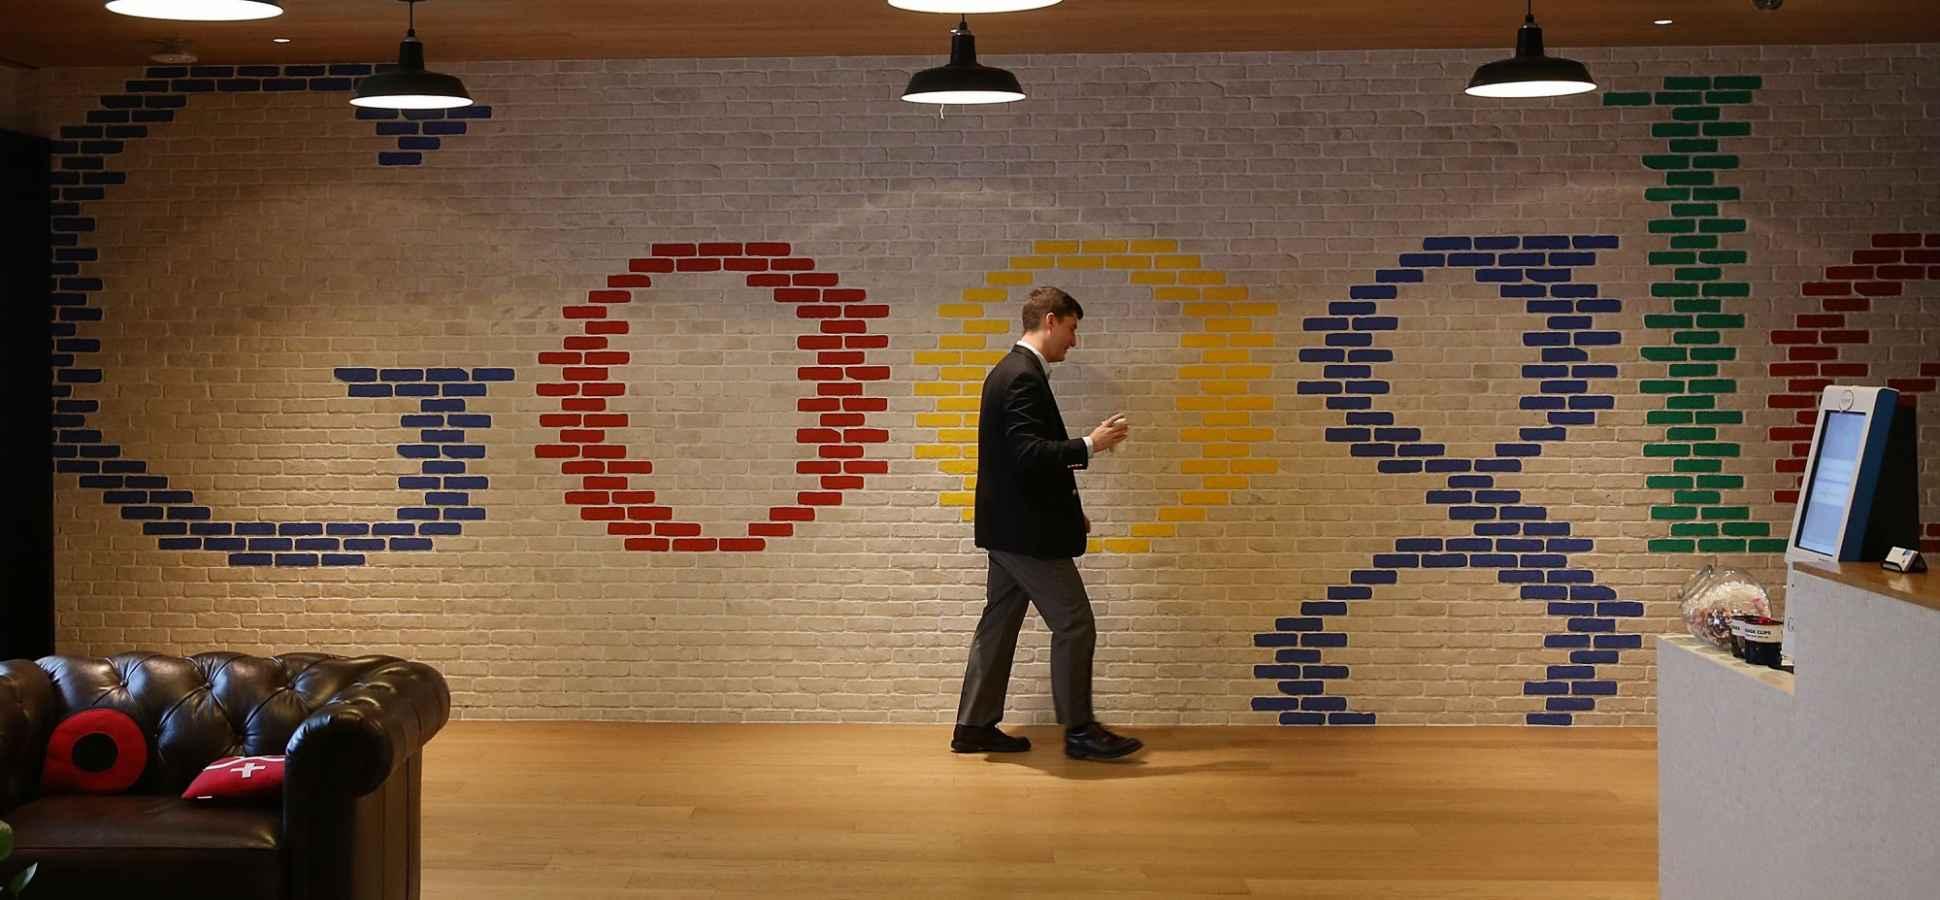 Google Posts Mixed Quarterly Results Amid New Threats to Company